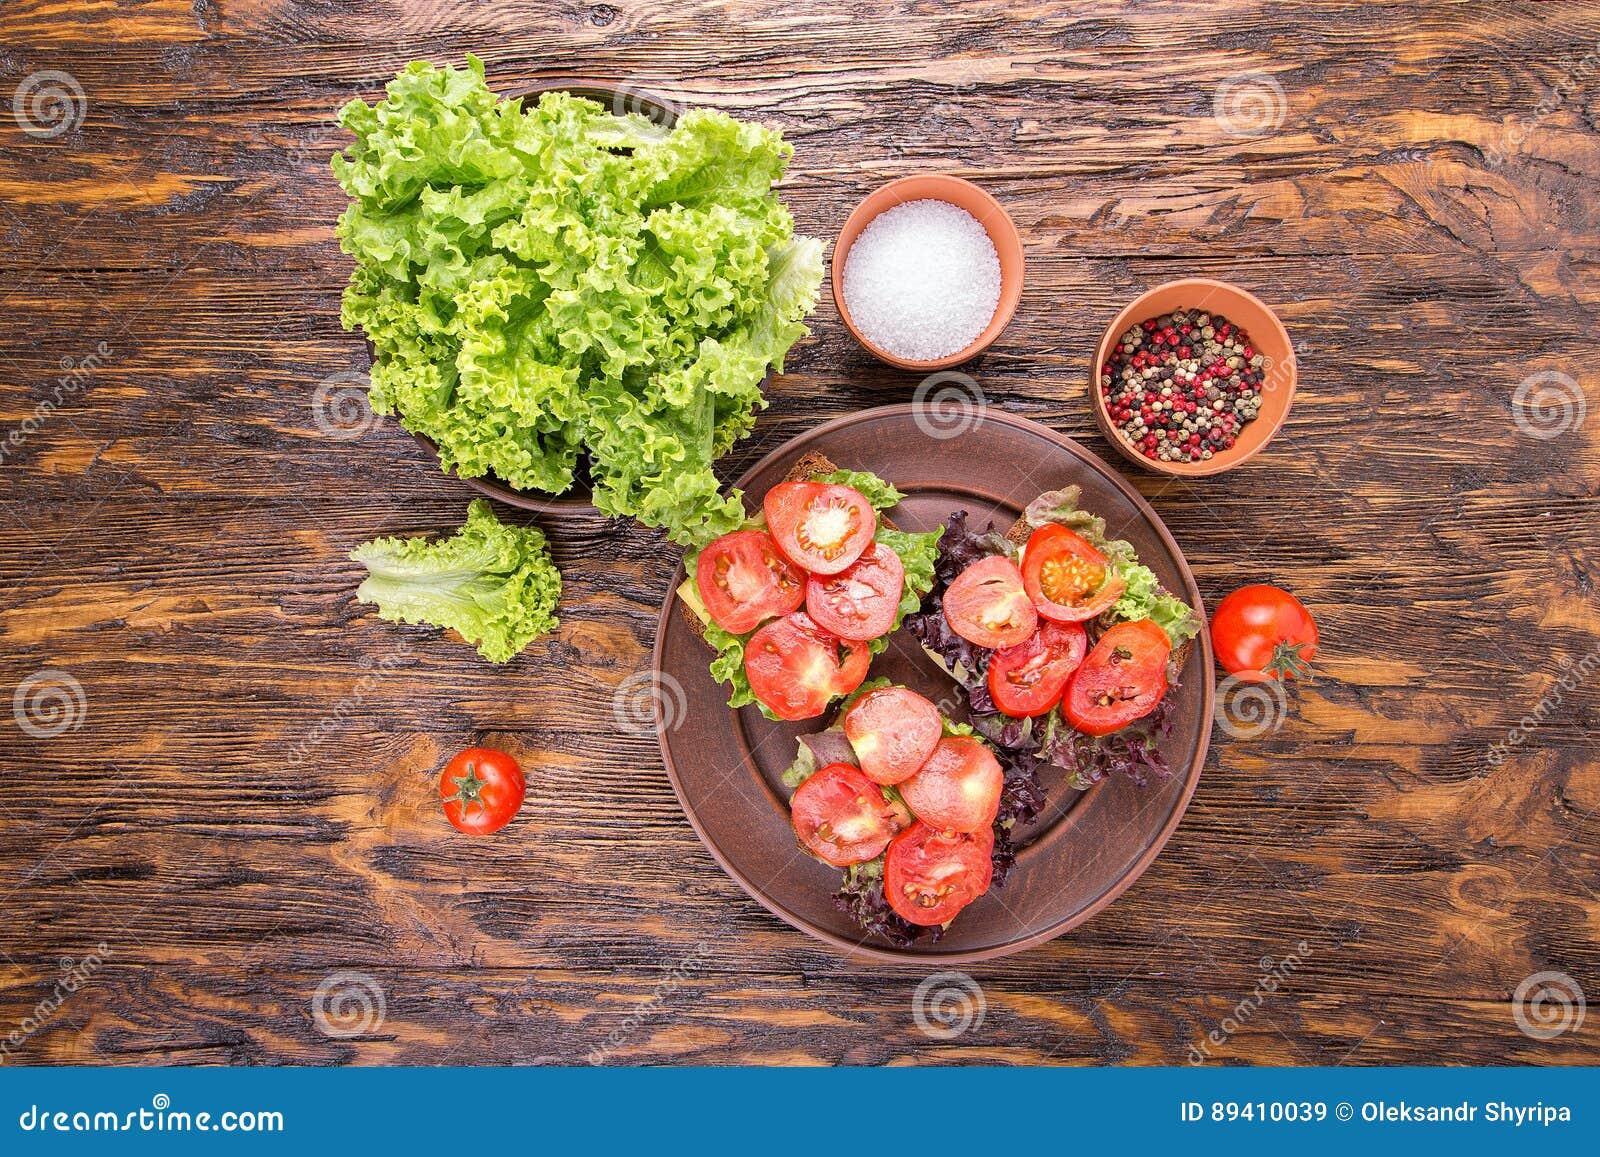 Brindes com tomate fresco, vista superior